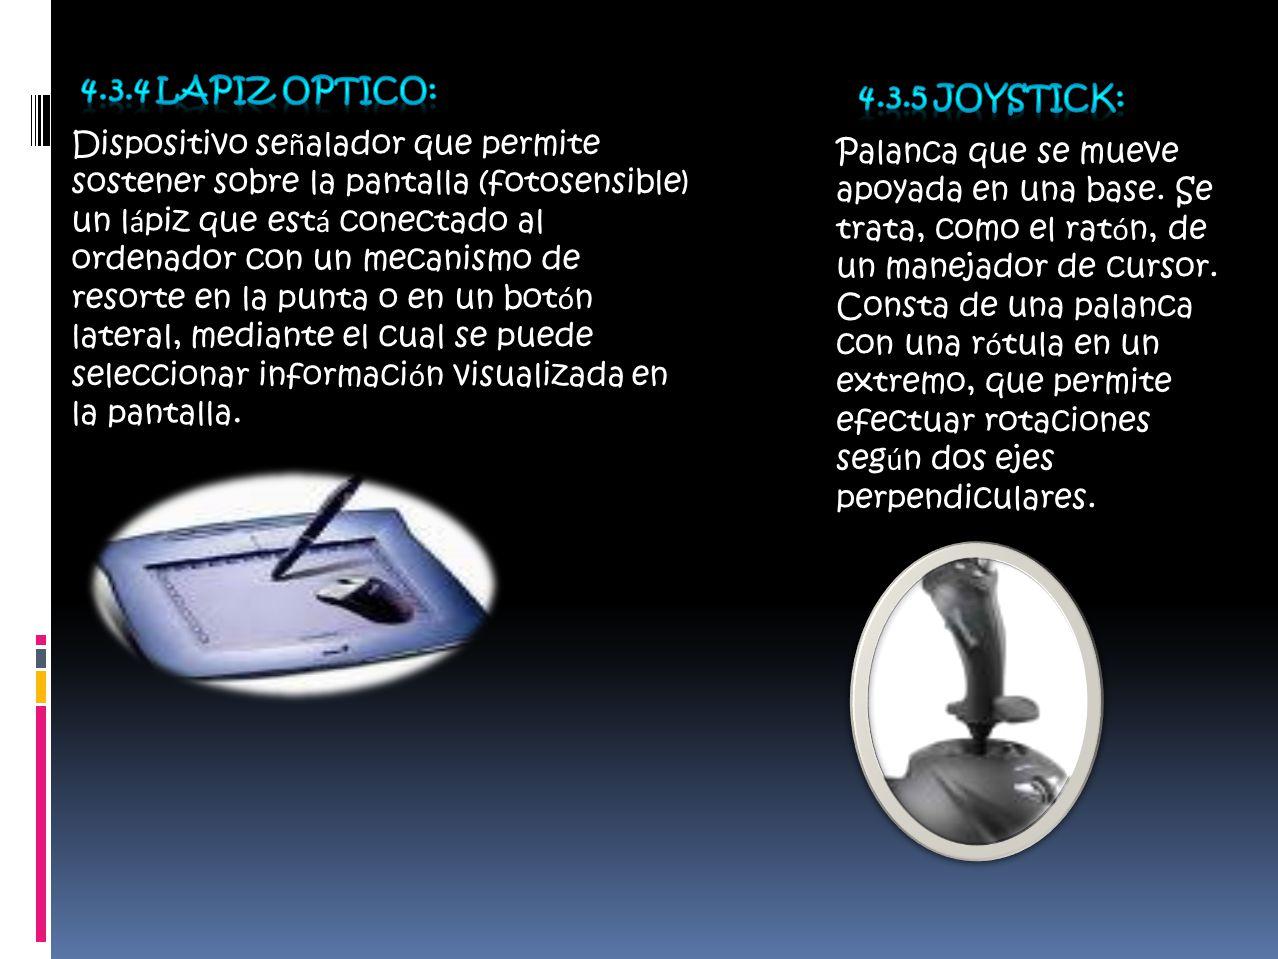 Dispositivo se ñ alador que permite sostener sobre la pantalla (fotosensible) un l á piz que est á conectado al ordenador con un mecanismo de resorte en la punta o en un bot ó n lateral, mediante el cual se puede seleccionar informaci ó n visualizada en la pantalla.